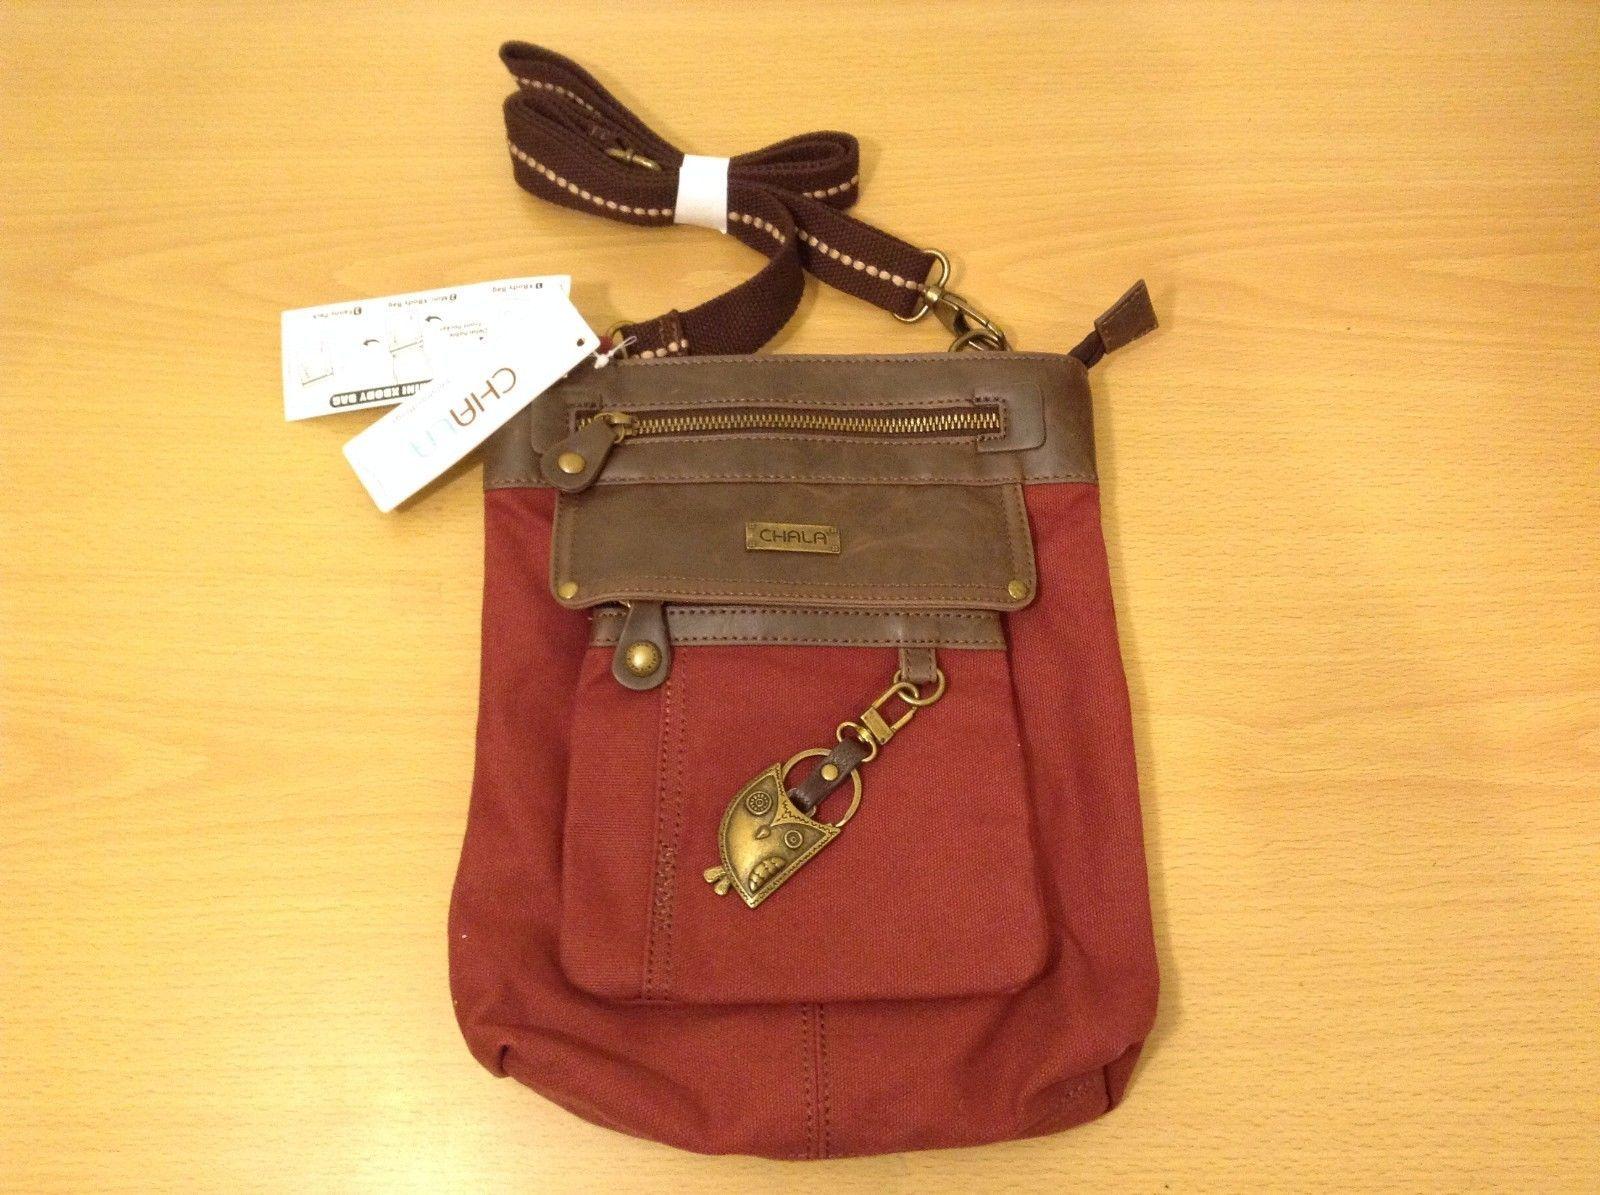 New Chala Handbags Germini Crossbody 3 in 1 Bag Burgundy Canvas Owl Key Chain